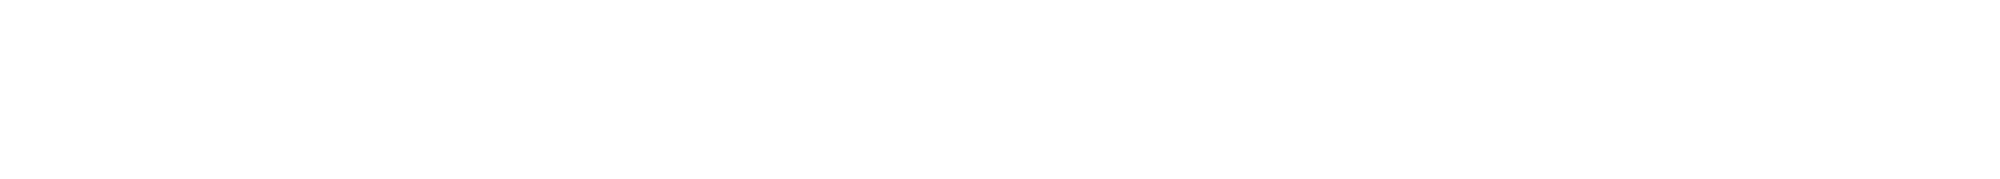 Clavister logo white